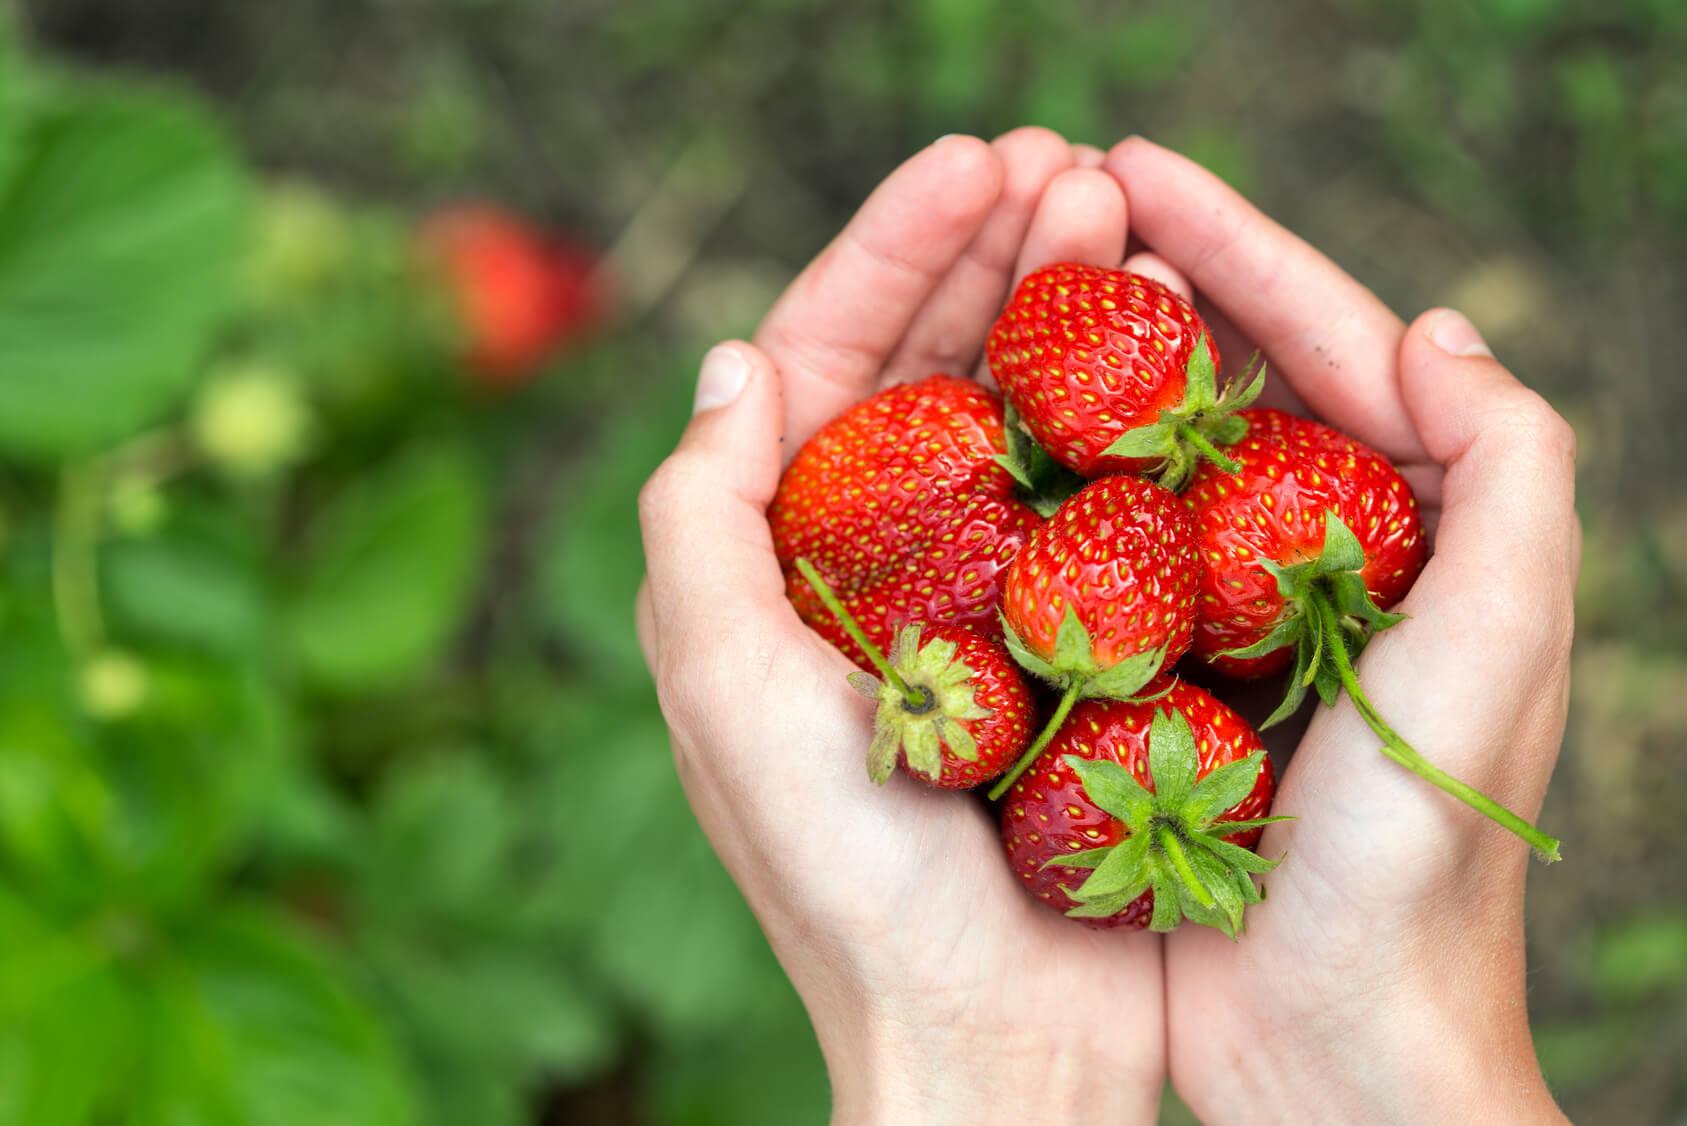 cueillir des fraises en entreprise normande